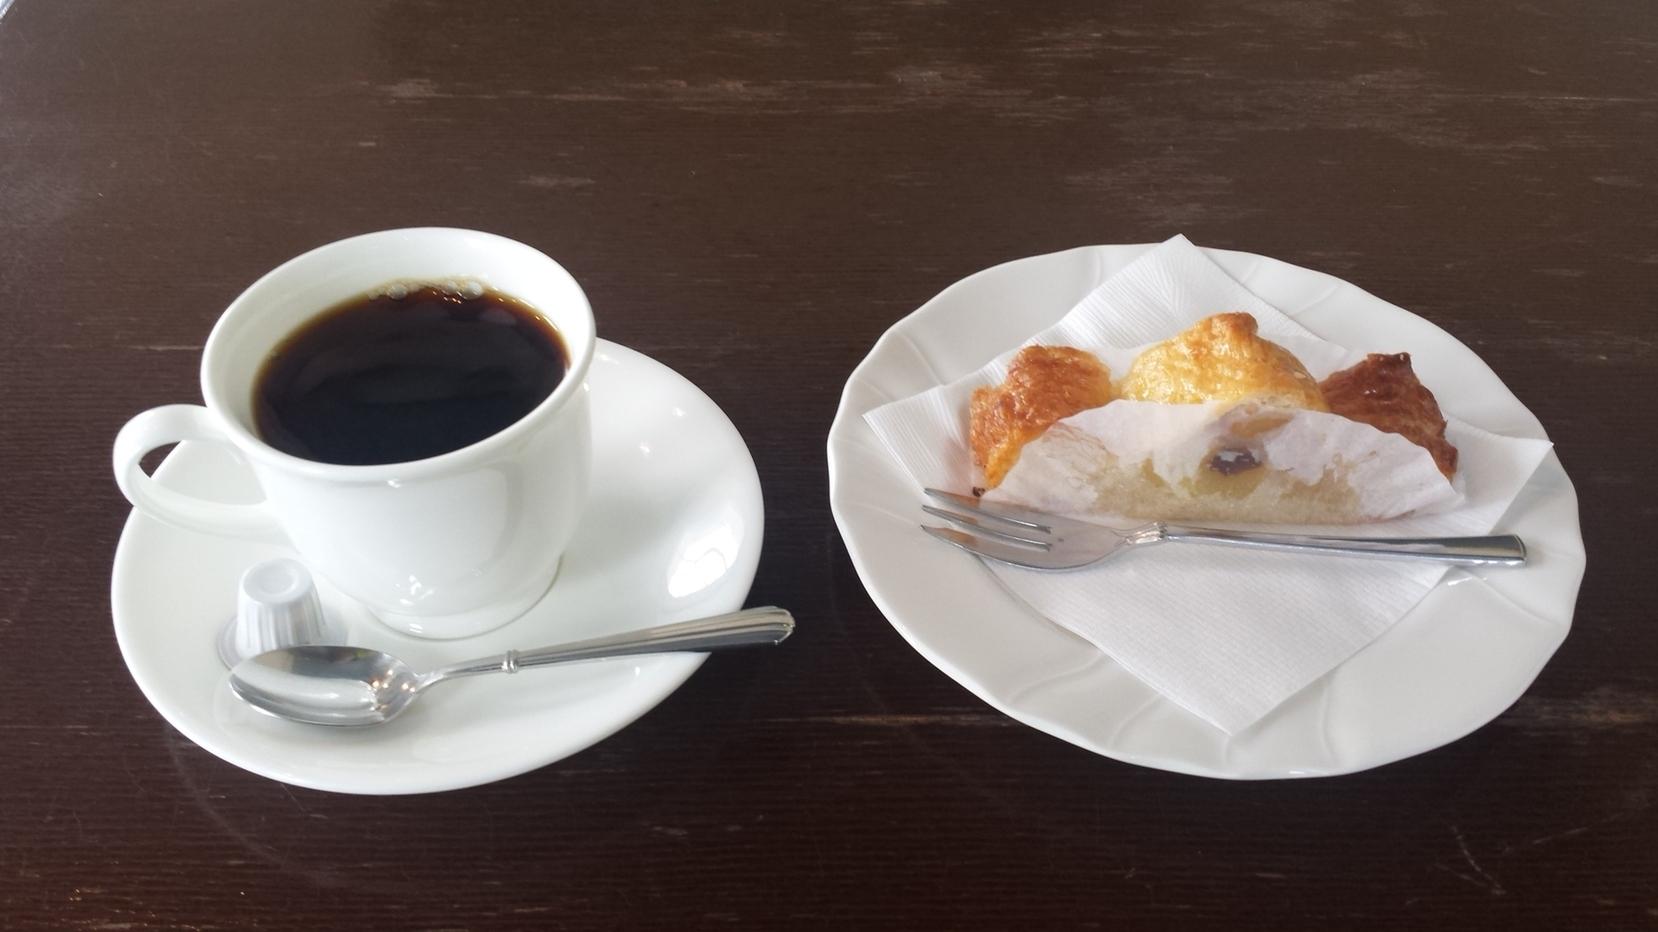 桐生明治館 喫茶室